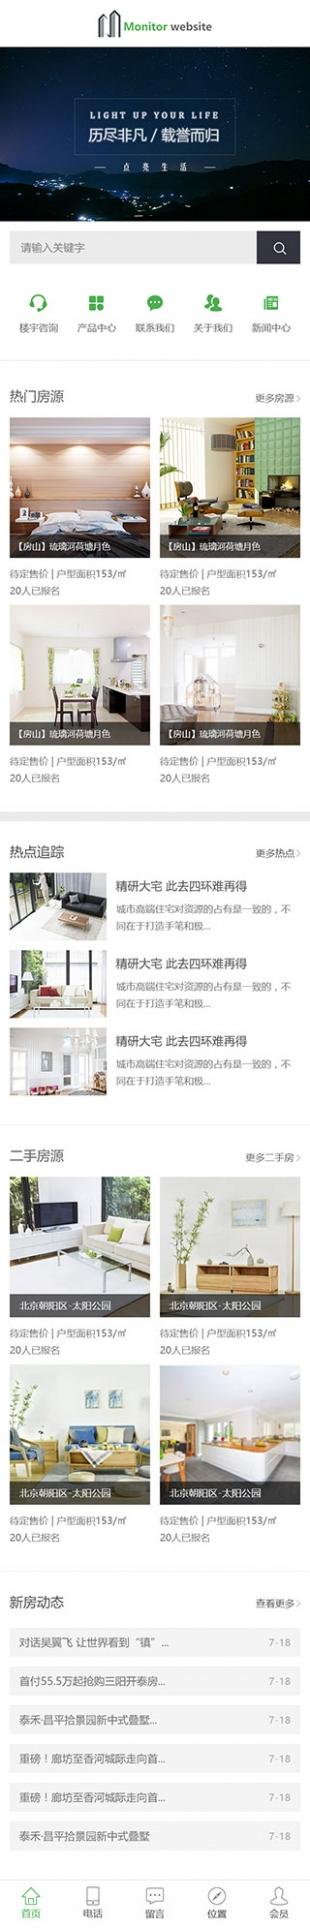 房产交易房屋出租中介类网站模板手机图片